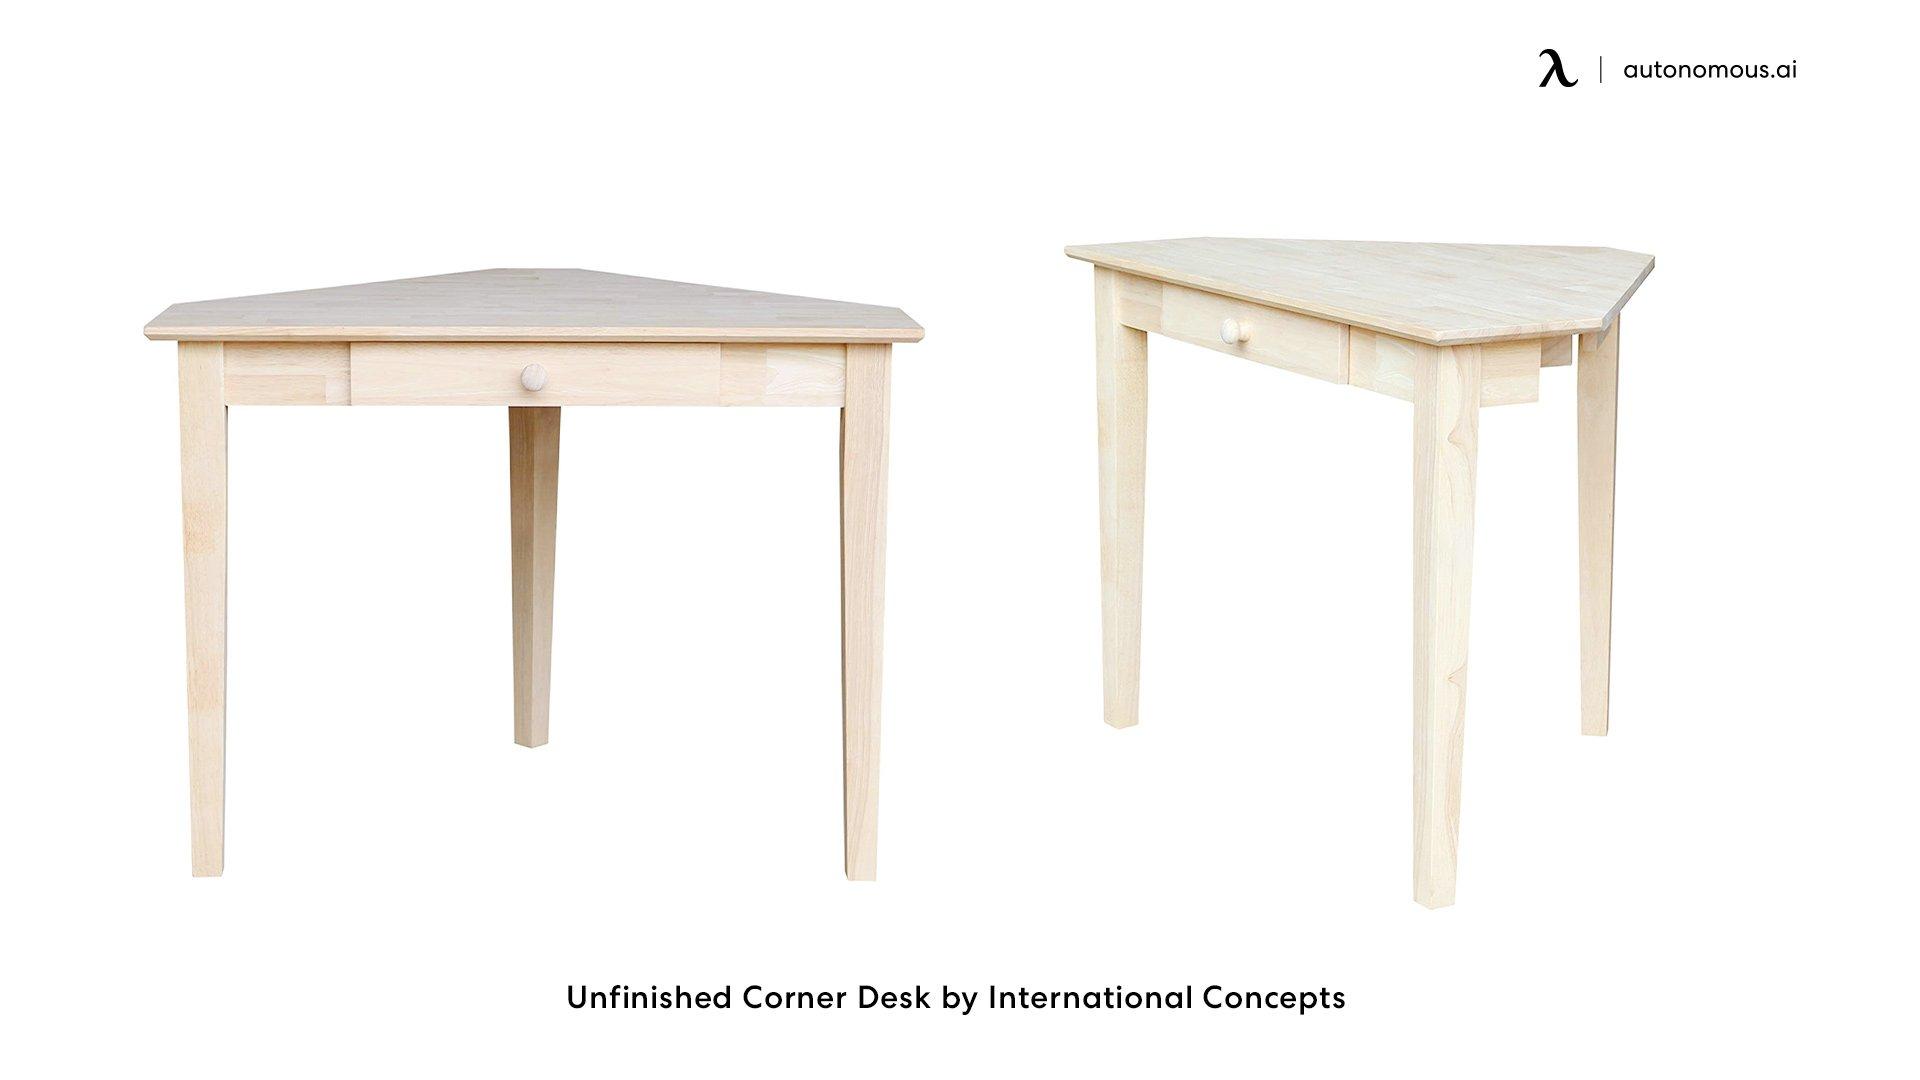 Unfinished Corner Desk by International Concepts